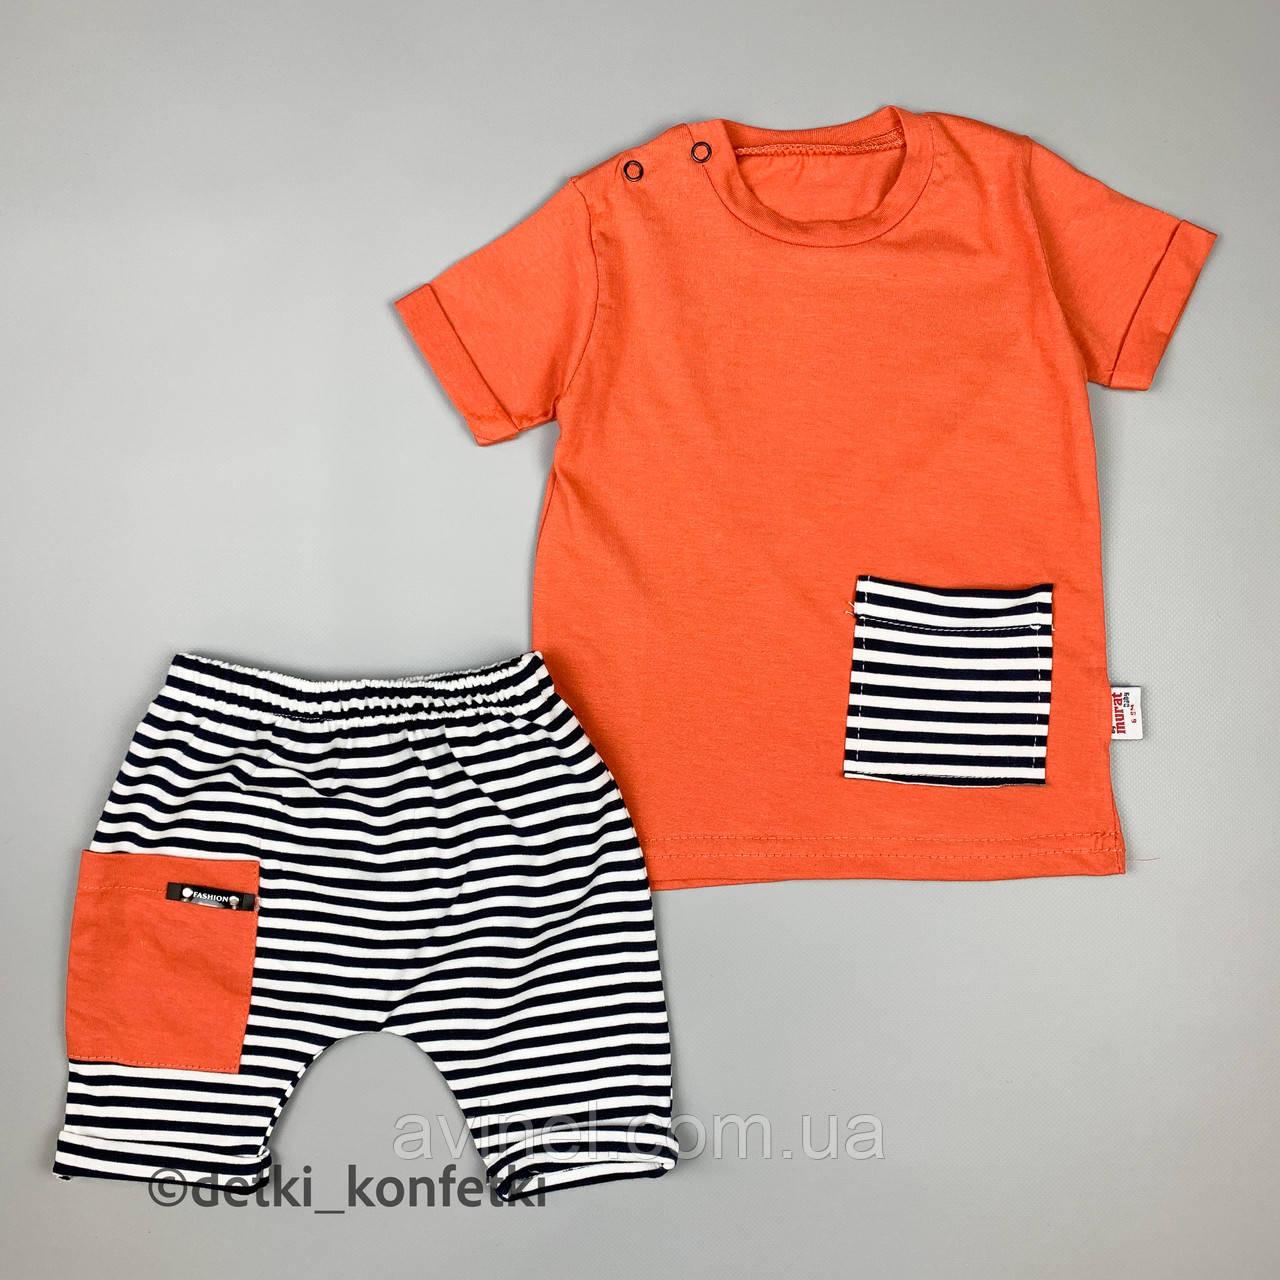 Комплект 2в1,футболка+шорты Оранжевый Интерлок 0238 Murat baby Турция 86(р)